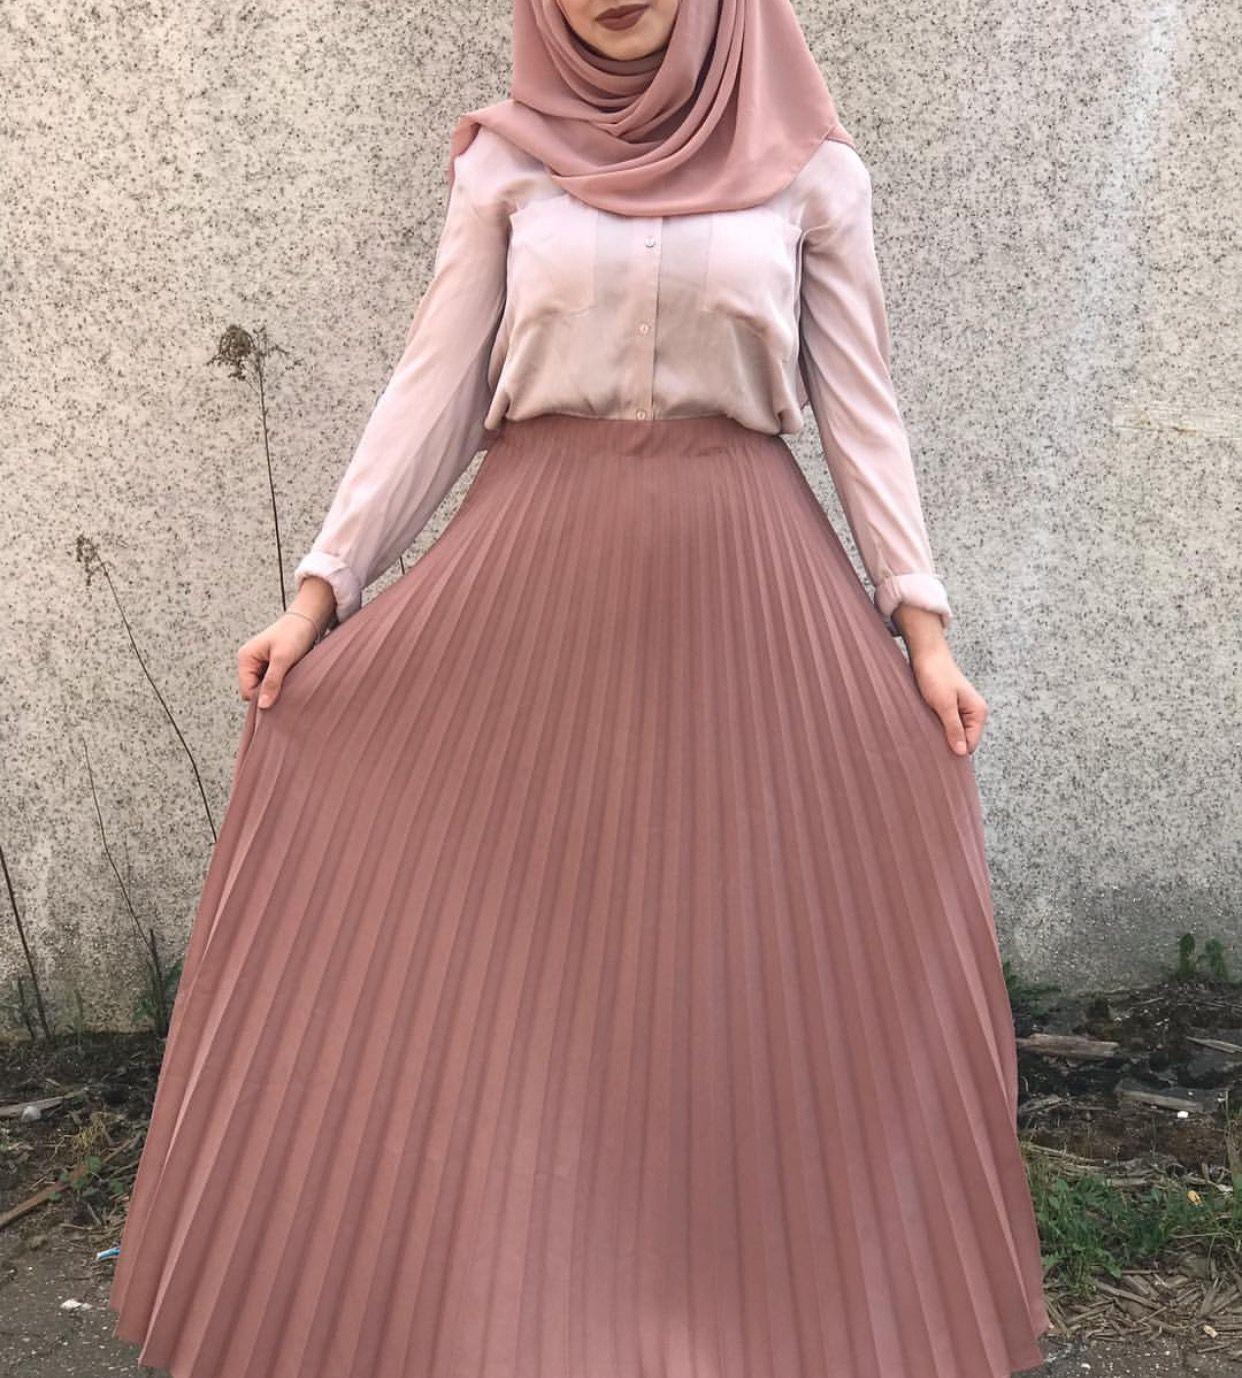 Pinterest justgirls rok pinterest hijab outfit modest